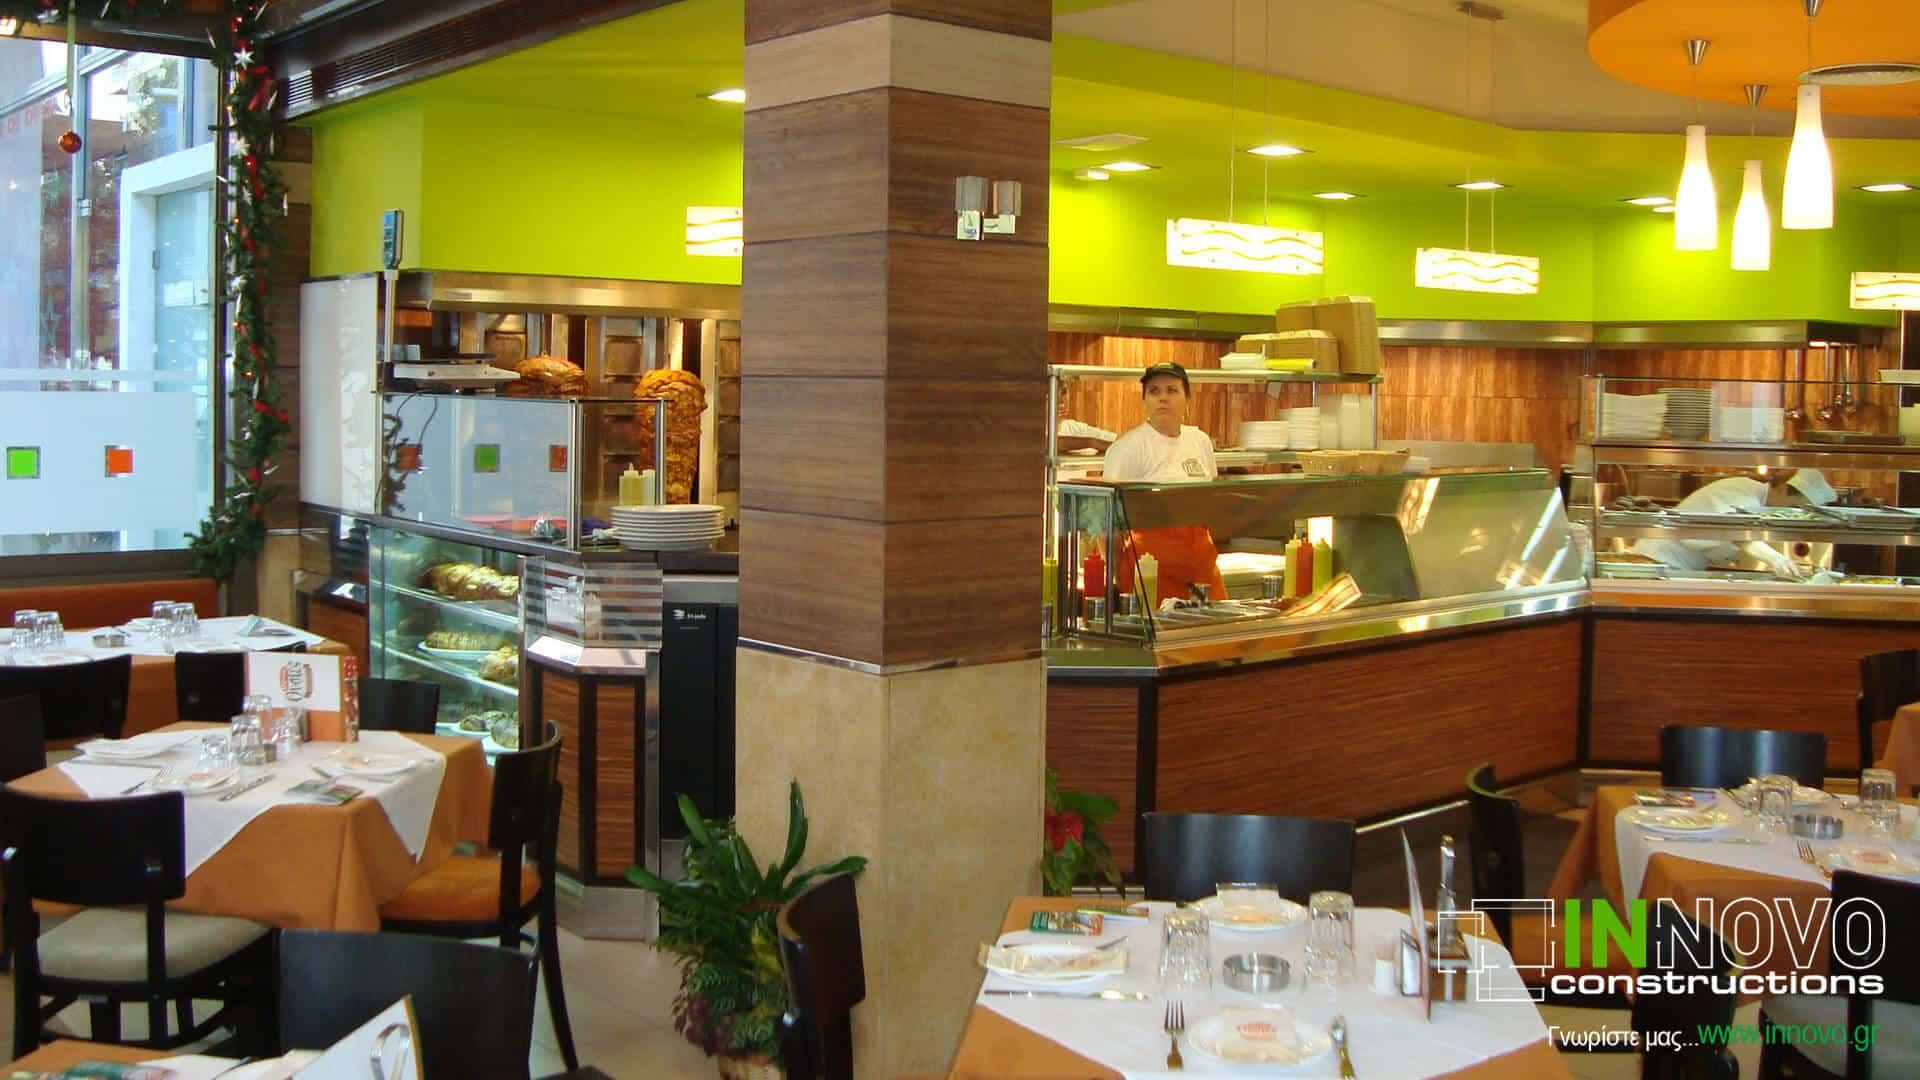 kataskevi-psitopoleiou-restaurant-construction-tsiolis-pagkrati-ousies-955-4